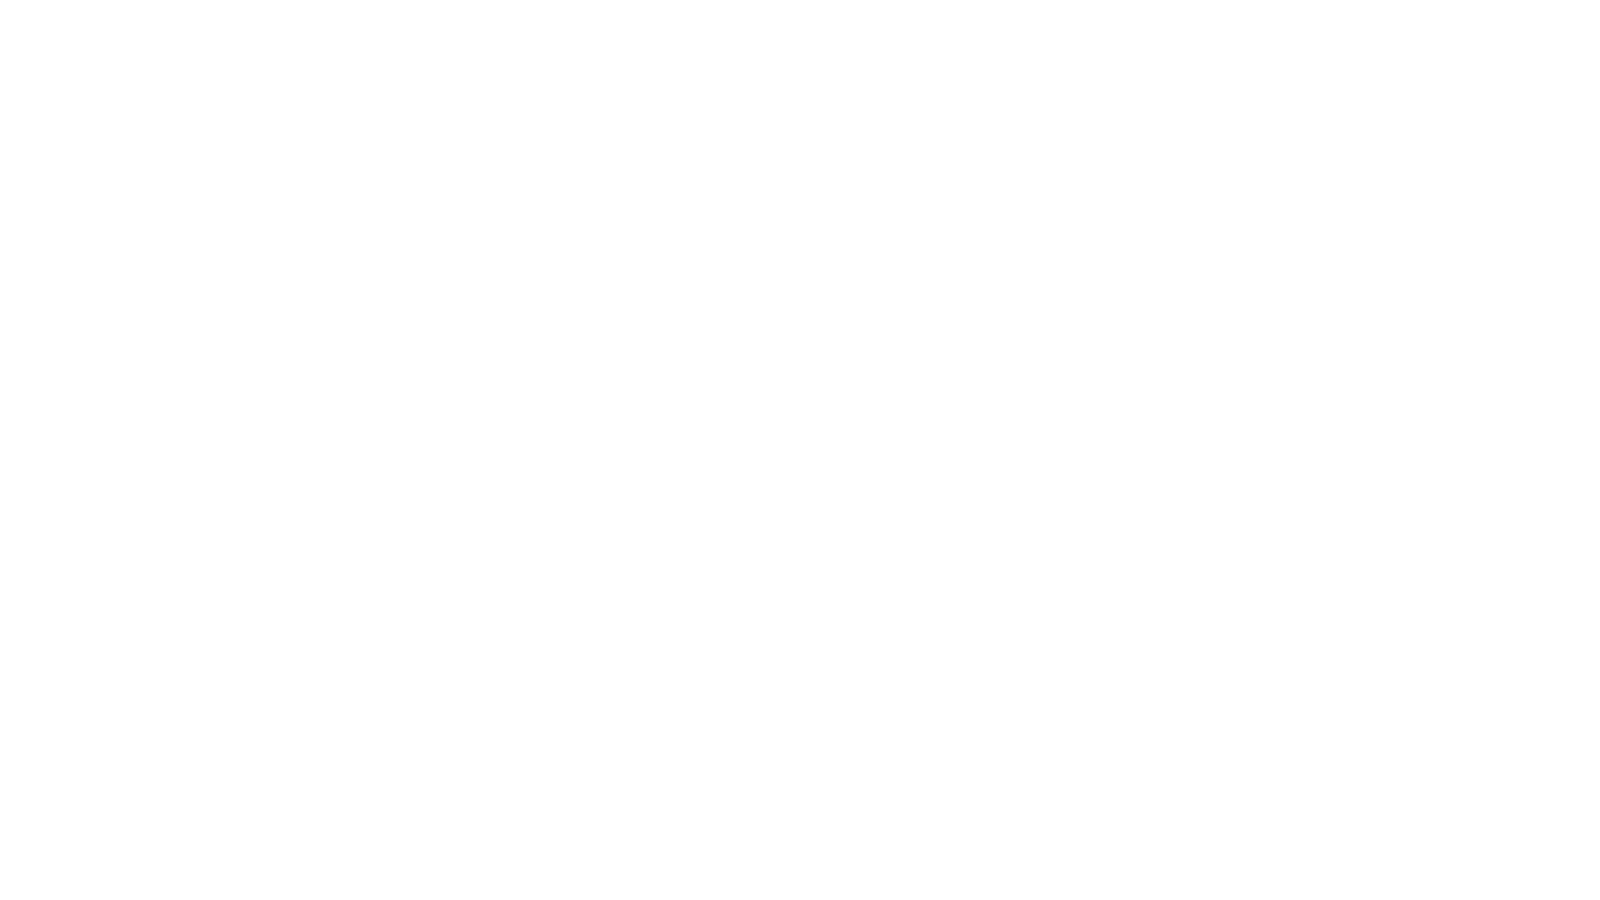 """""""Una estrategia de prospección intensiva optimizada para la delimitación y caracterización de yacimientos arqueológicos"""". Ponentes: Alejandro Jiménez Hernández, Inmaculada Carrasco Gómez y Carmen Romero Paredes (arqueólogos). Esta obra está bajo una licencia de Creative Commons Reconocimiento-NoComercial-SinObraDerivada 4.0 Internacional. http://creativecommons.org/licenses/by-nc-nd/4.0/"""